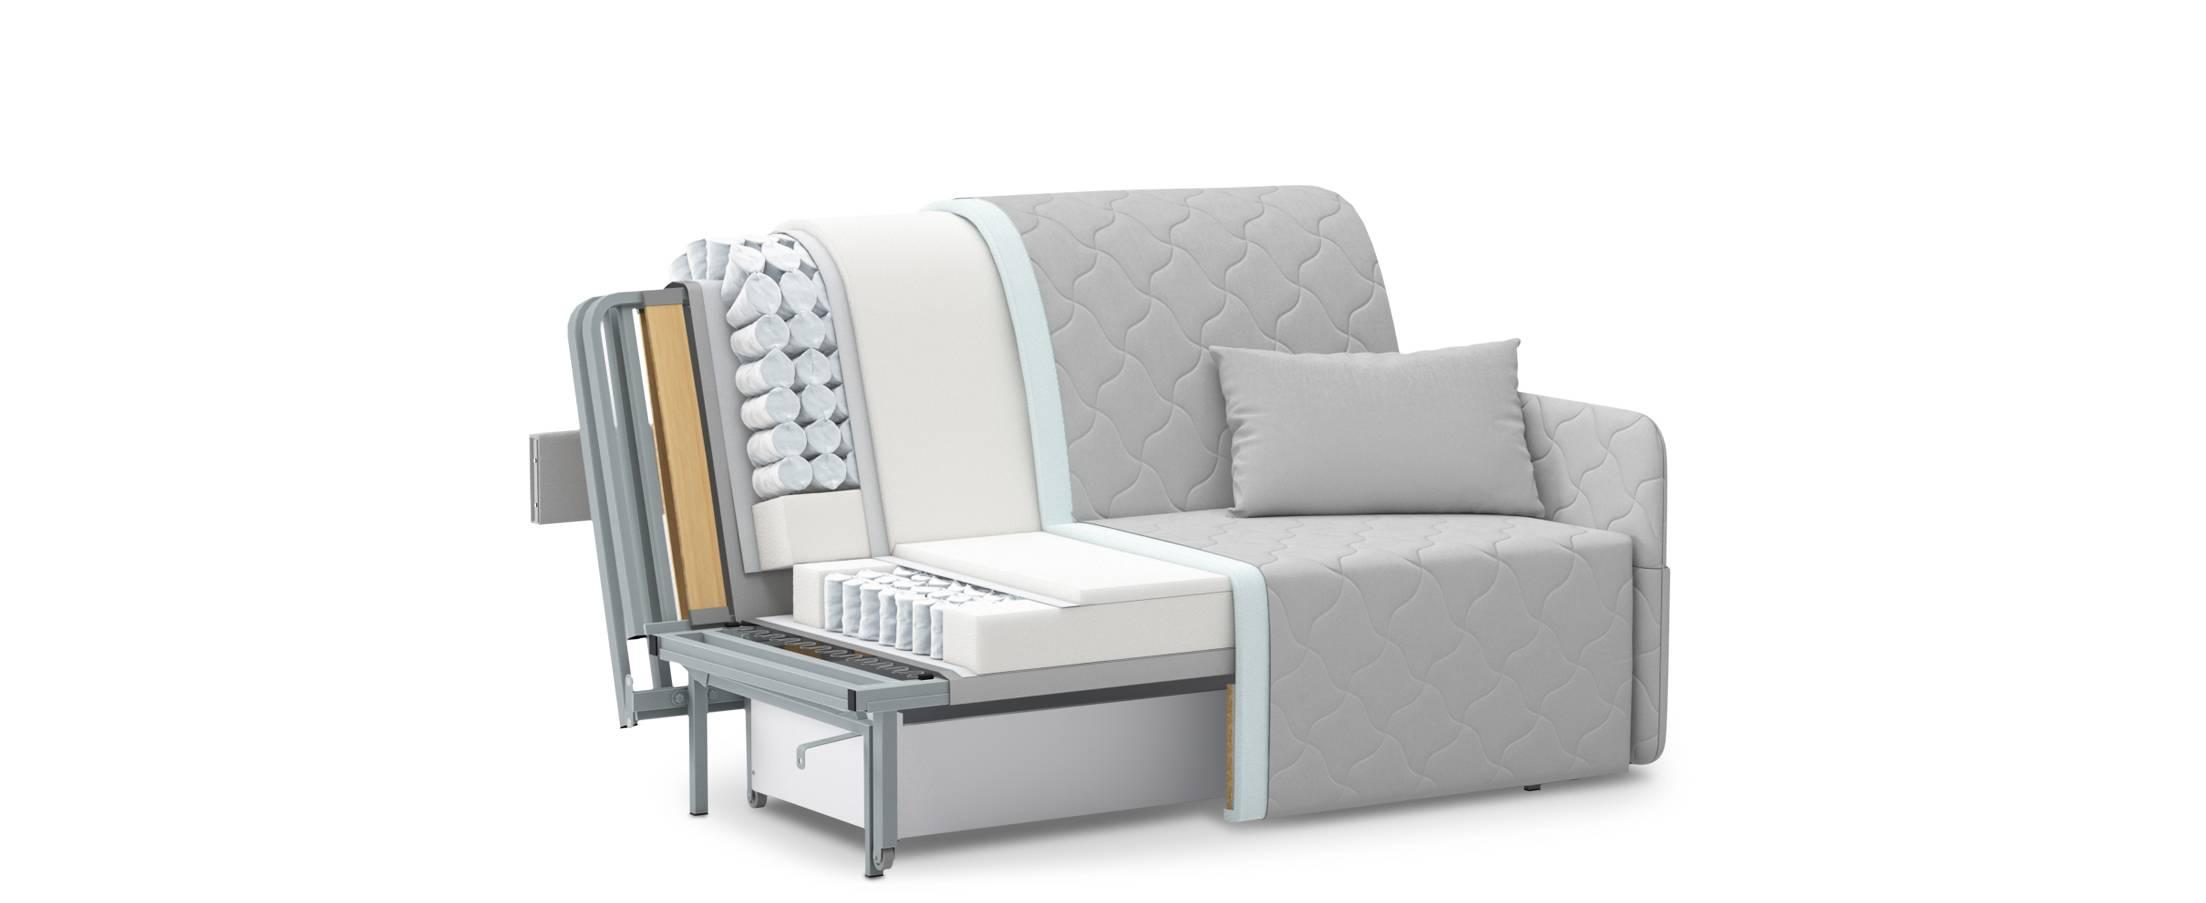 Размеры диванов (76 фото): стандартные двухместные, для длинных моделей, индивидуальные, небольшие и большие